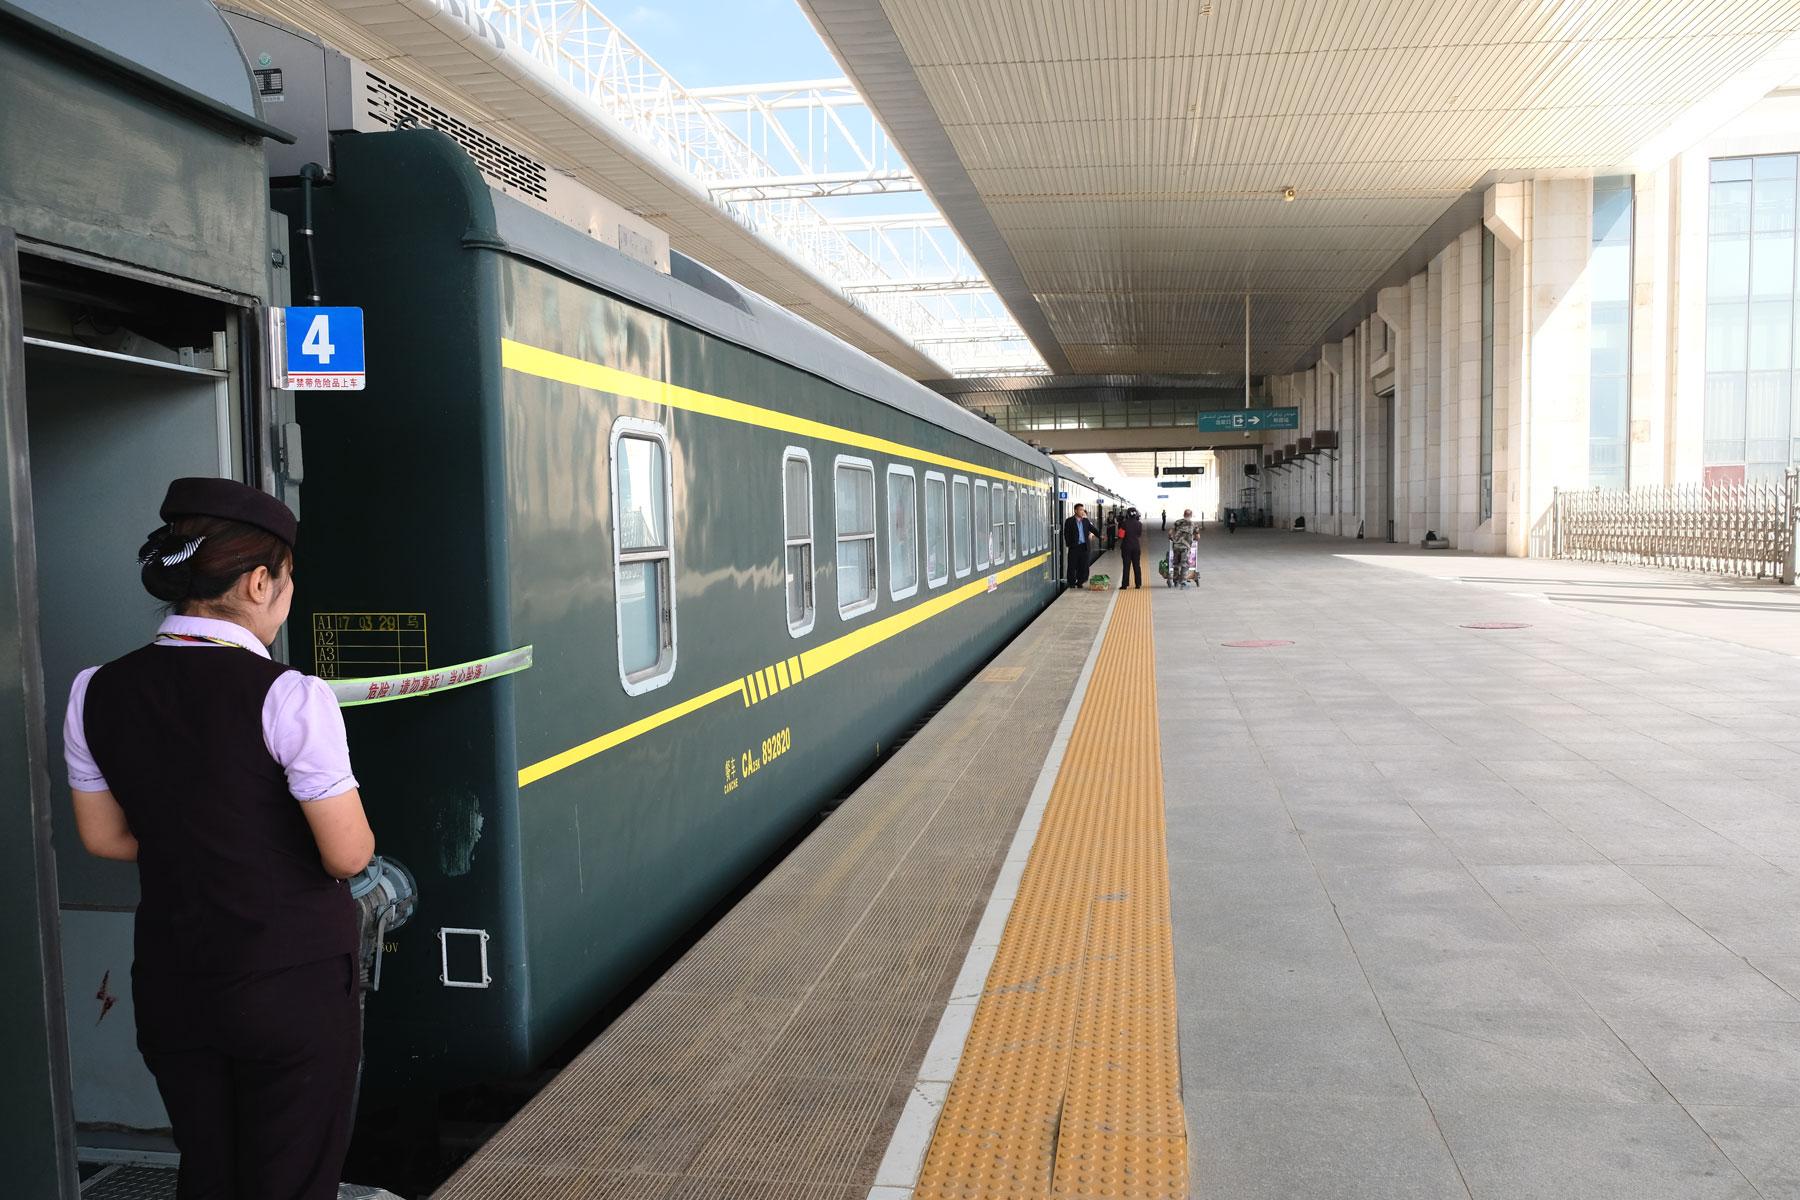 Wir ahnen es noch nicht, aber an die leeren und organiserten Bahnhöfe Chinas werden wir noch oft wehmütig zurückdenken...